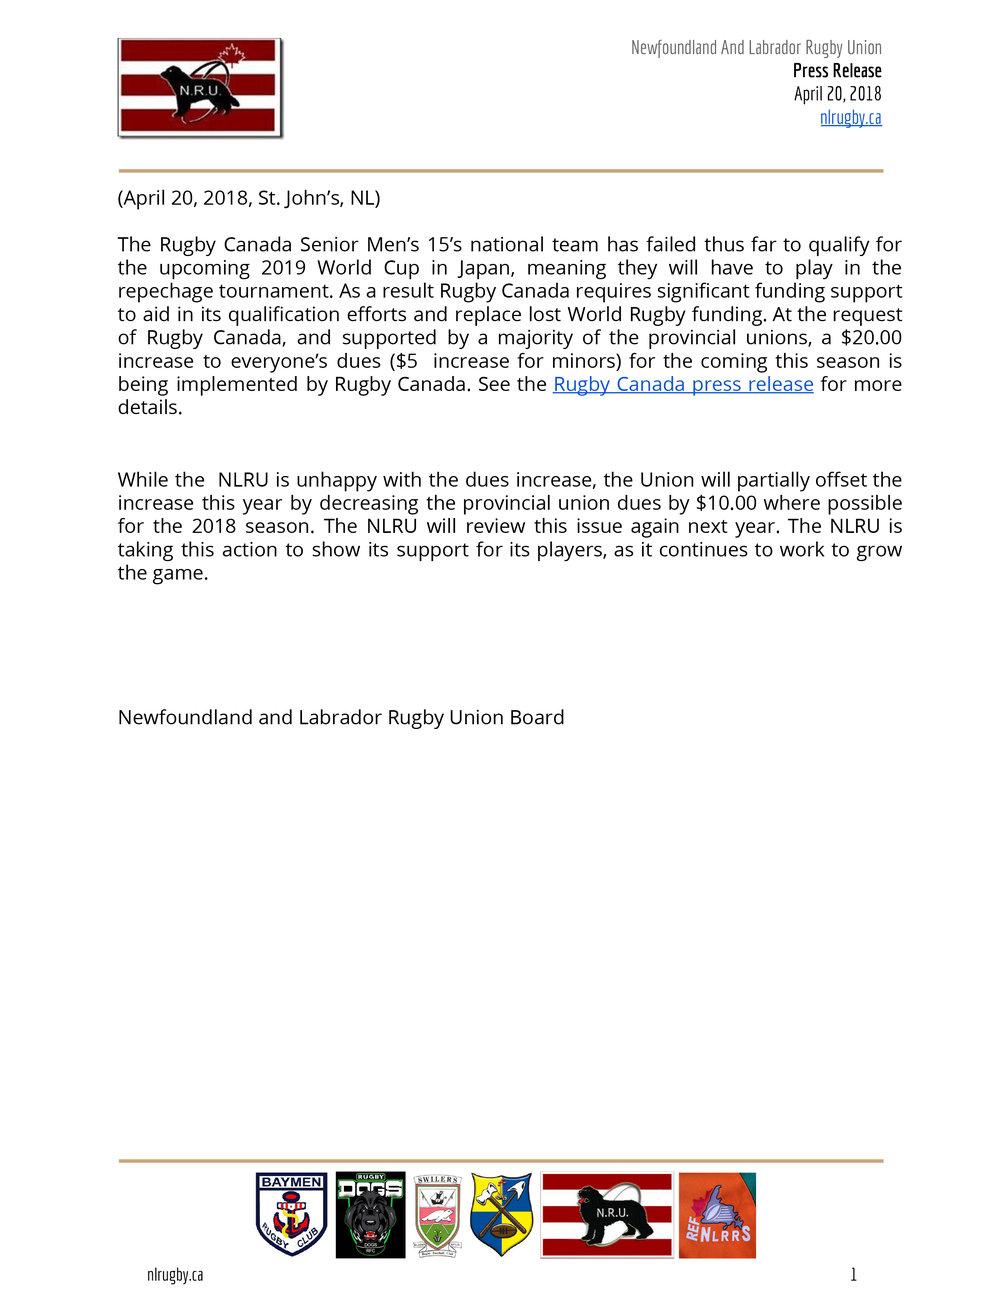 20180420 Fee increase  - NL Rugby Press Release.jpg